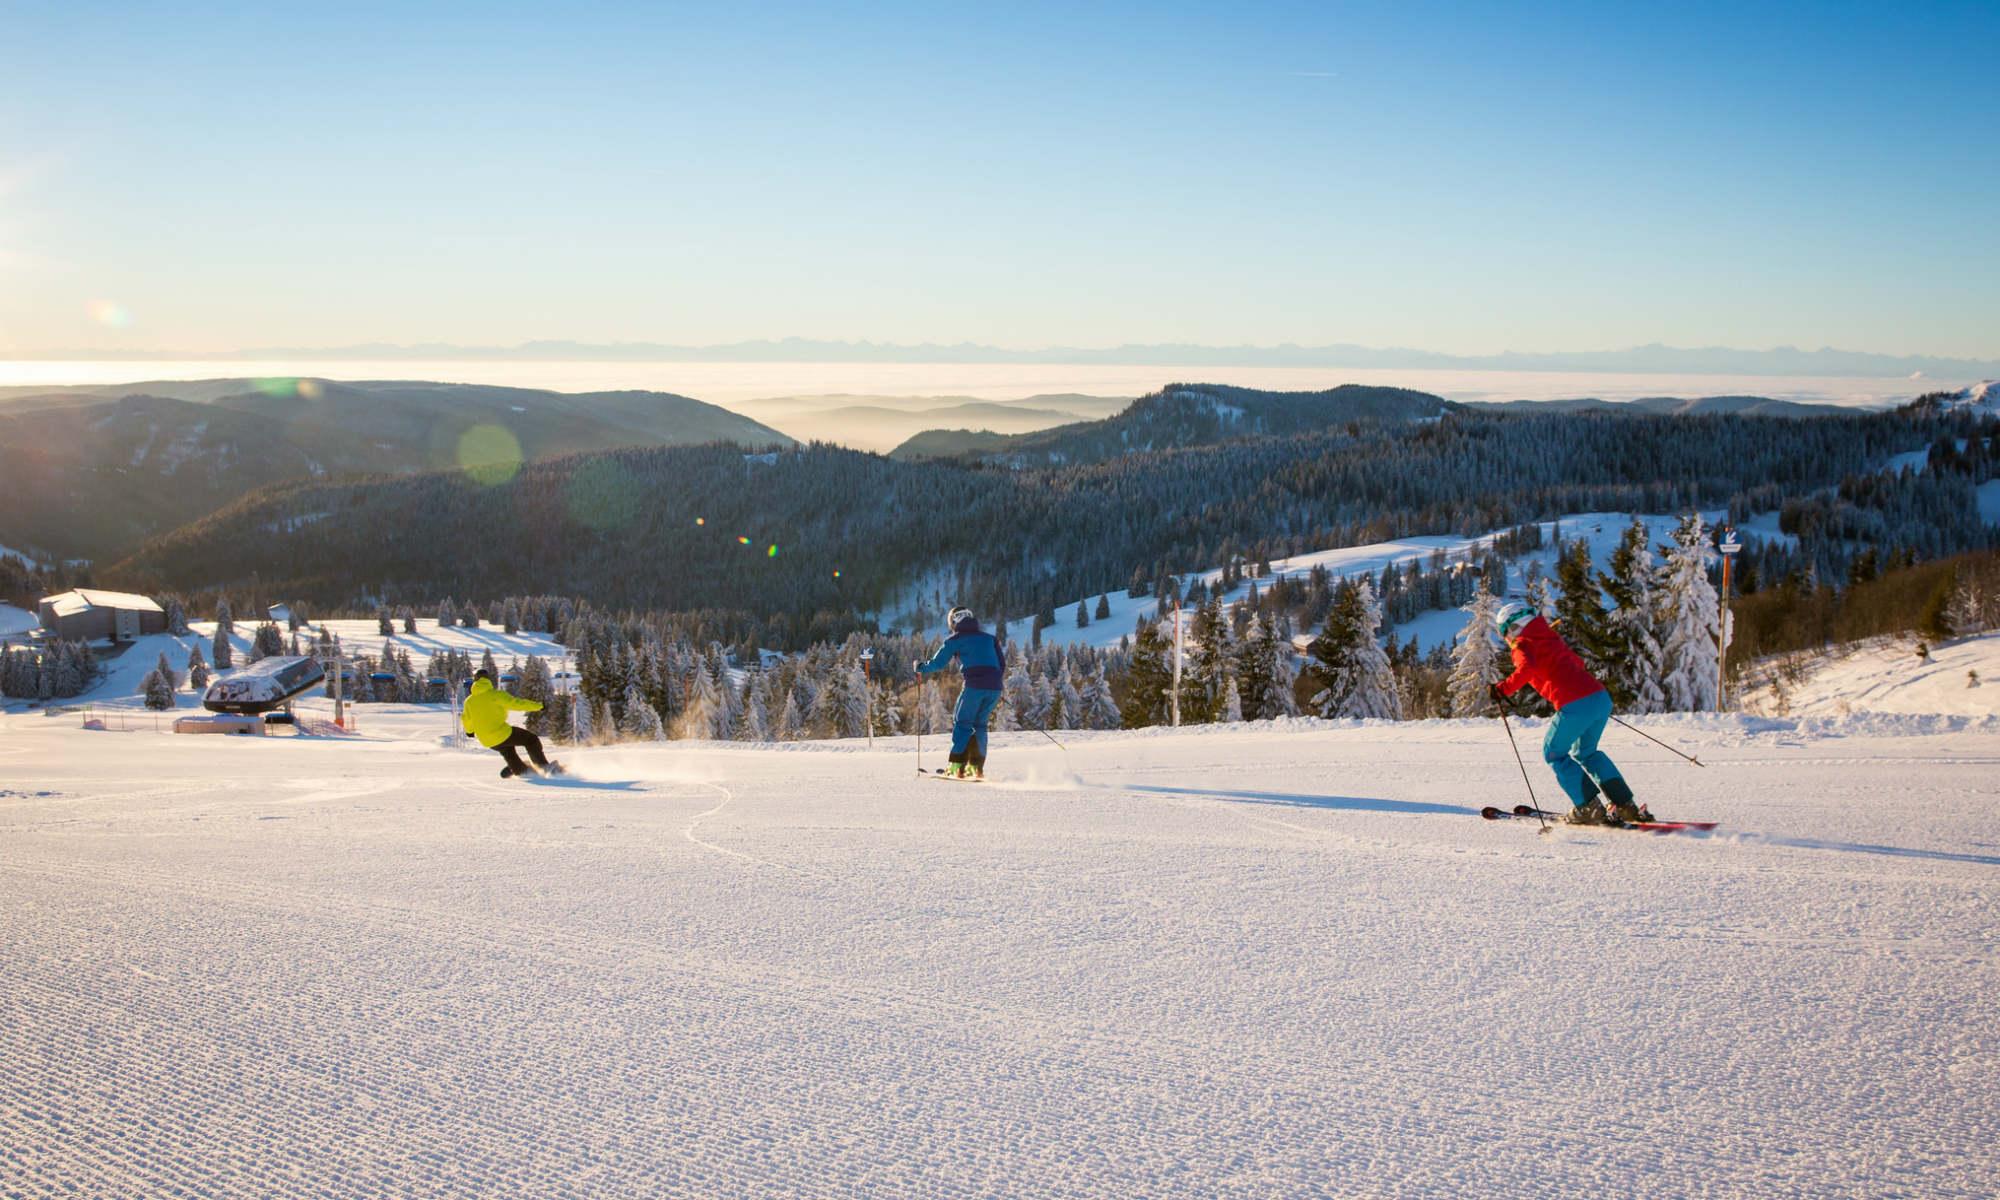 2 Skifahrer und 1 Snowboarder auf einer einfachen Piste im Skigebiet Feldberg.